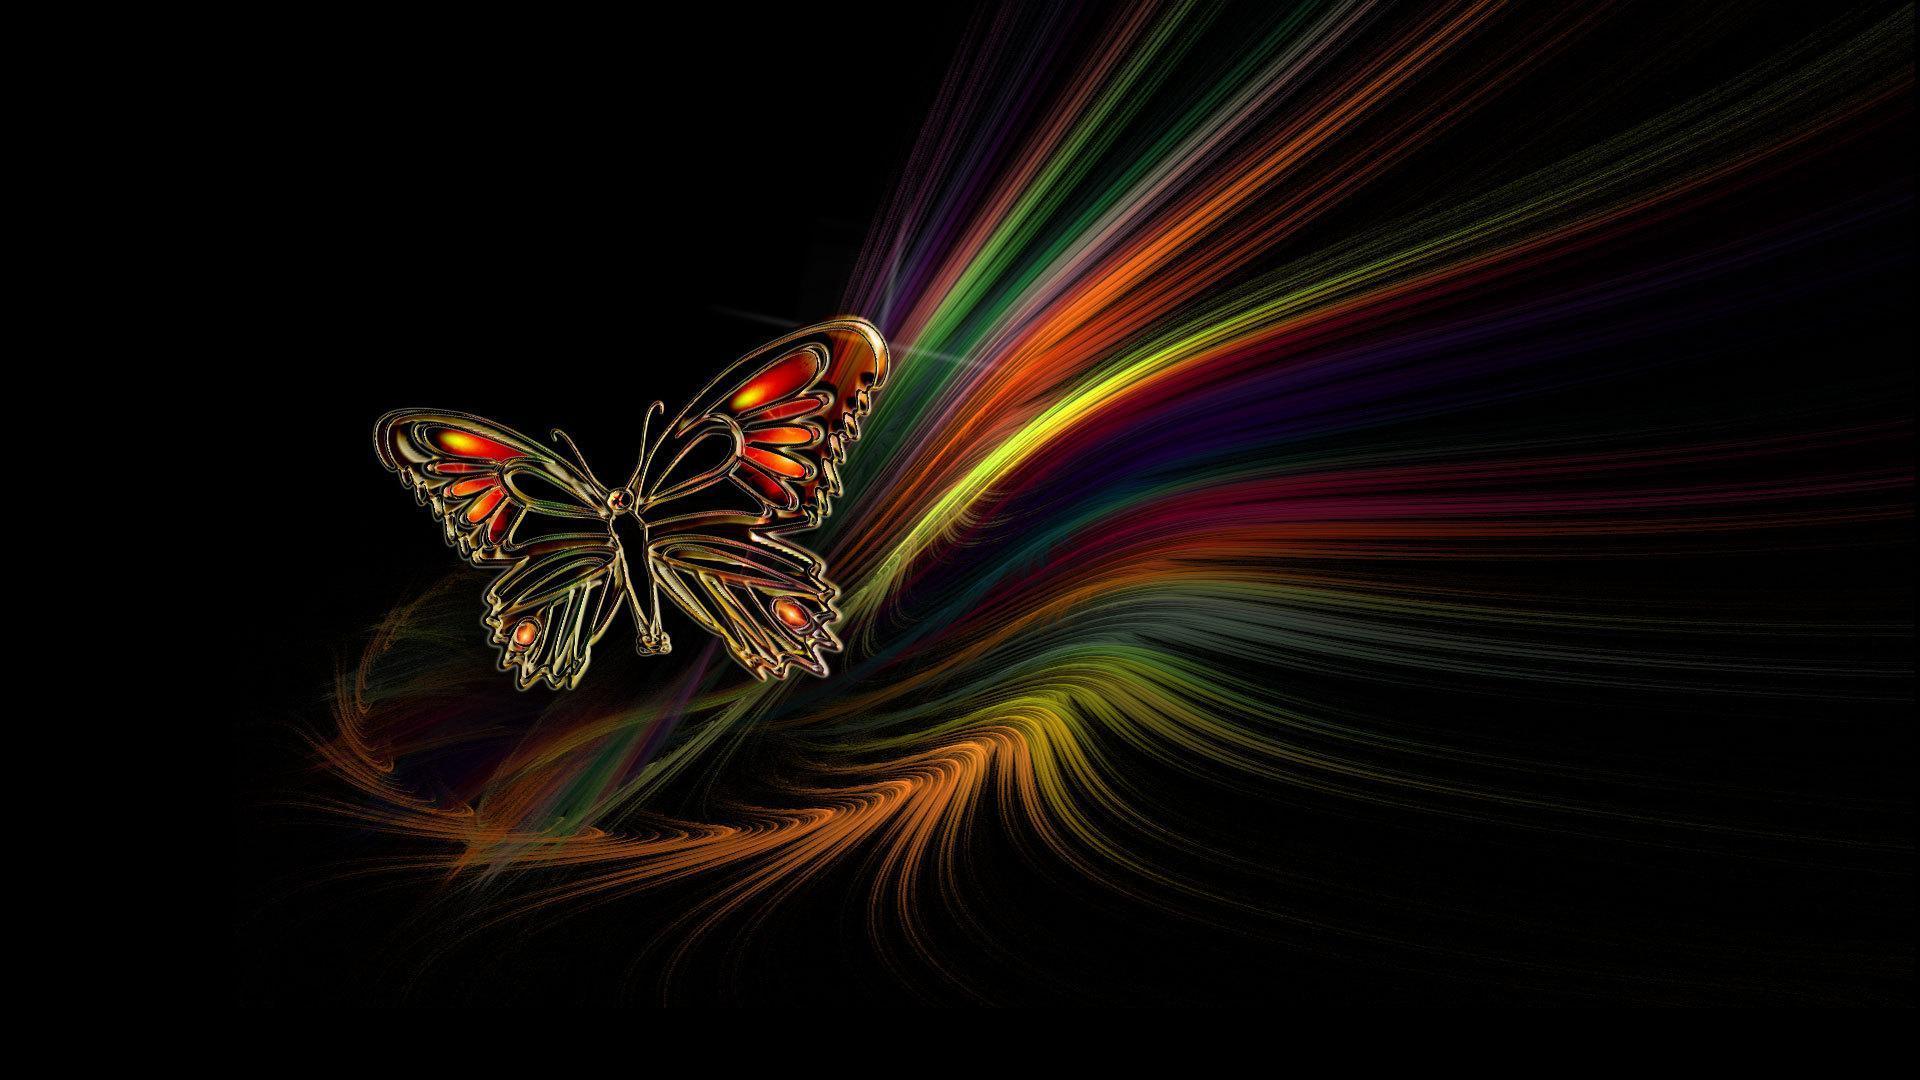 Neon Butterfly Desktop Wallpapers Top Free Neon Butterfly